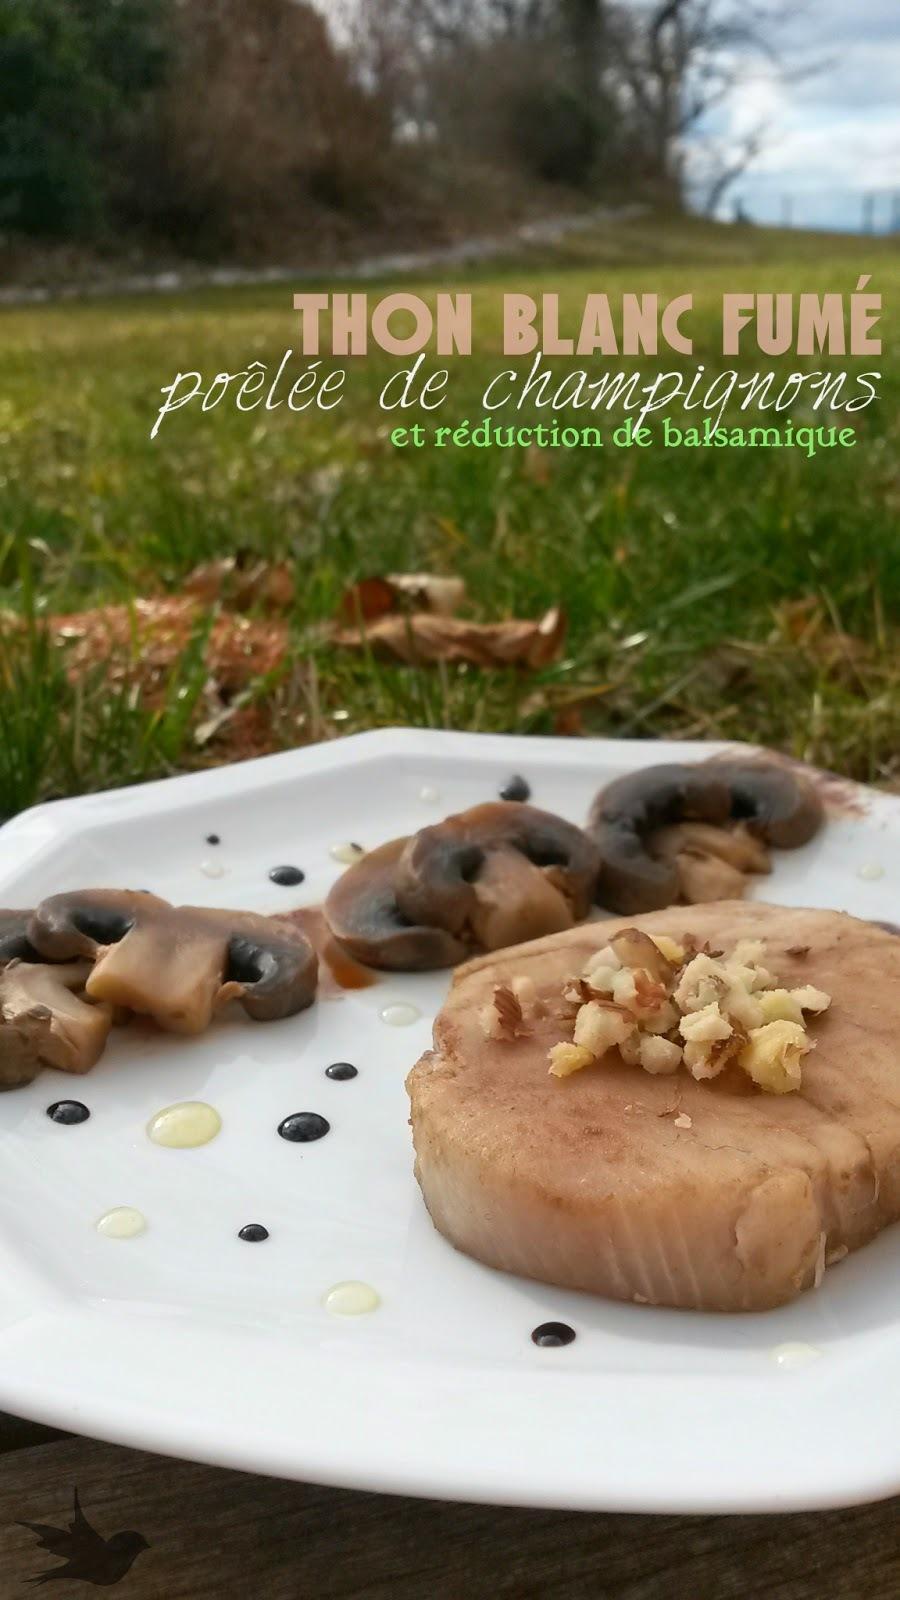 Thon blanc fumé, poêlée de champignons et réduction de balsamique - Un Tour En Cuisine : tour d'une seule couleur : assiette marron